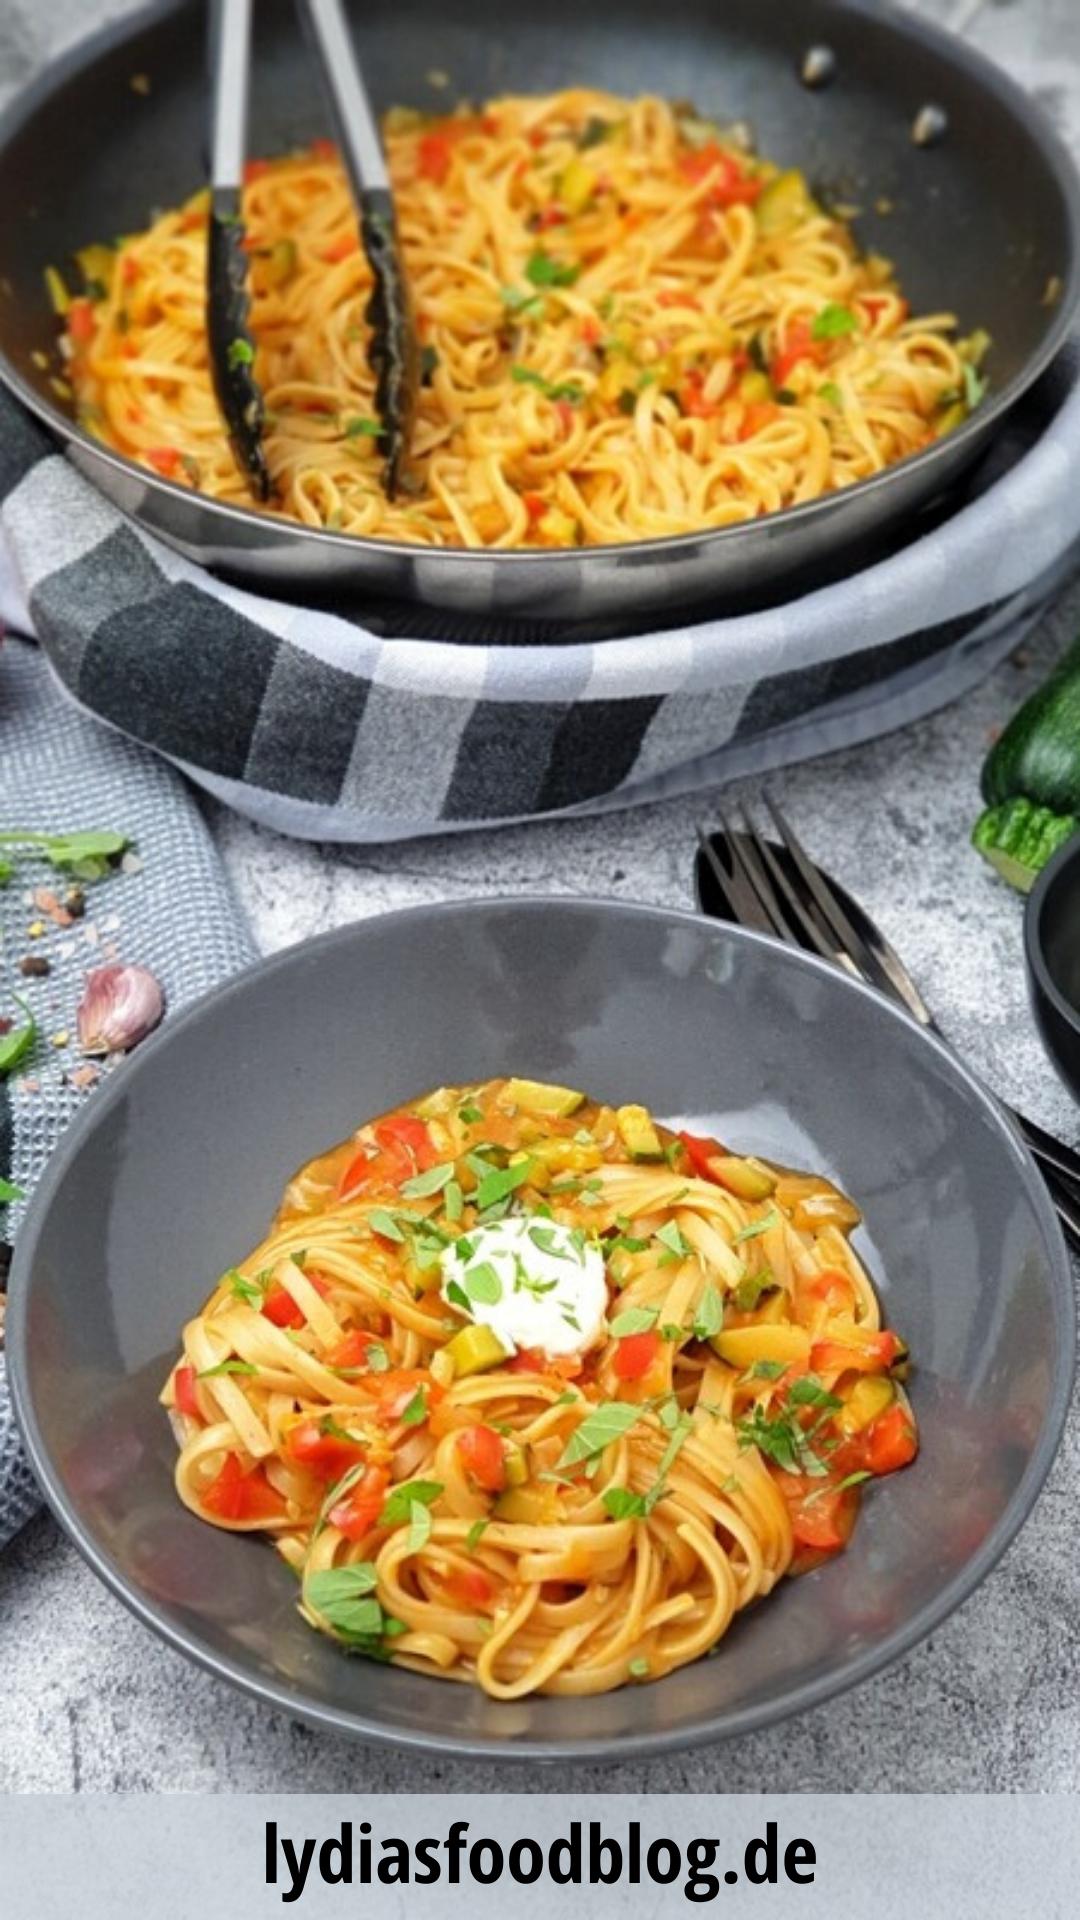 Linguini mit Paprika und Zucchini aus einem Topf, Rezept - Ein Topf, ein Gericht und, glaube ich, ei...